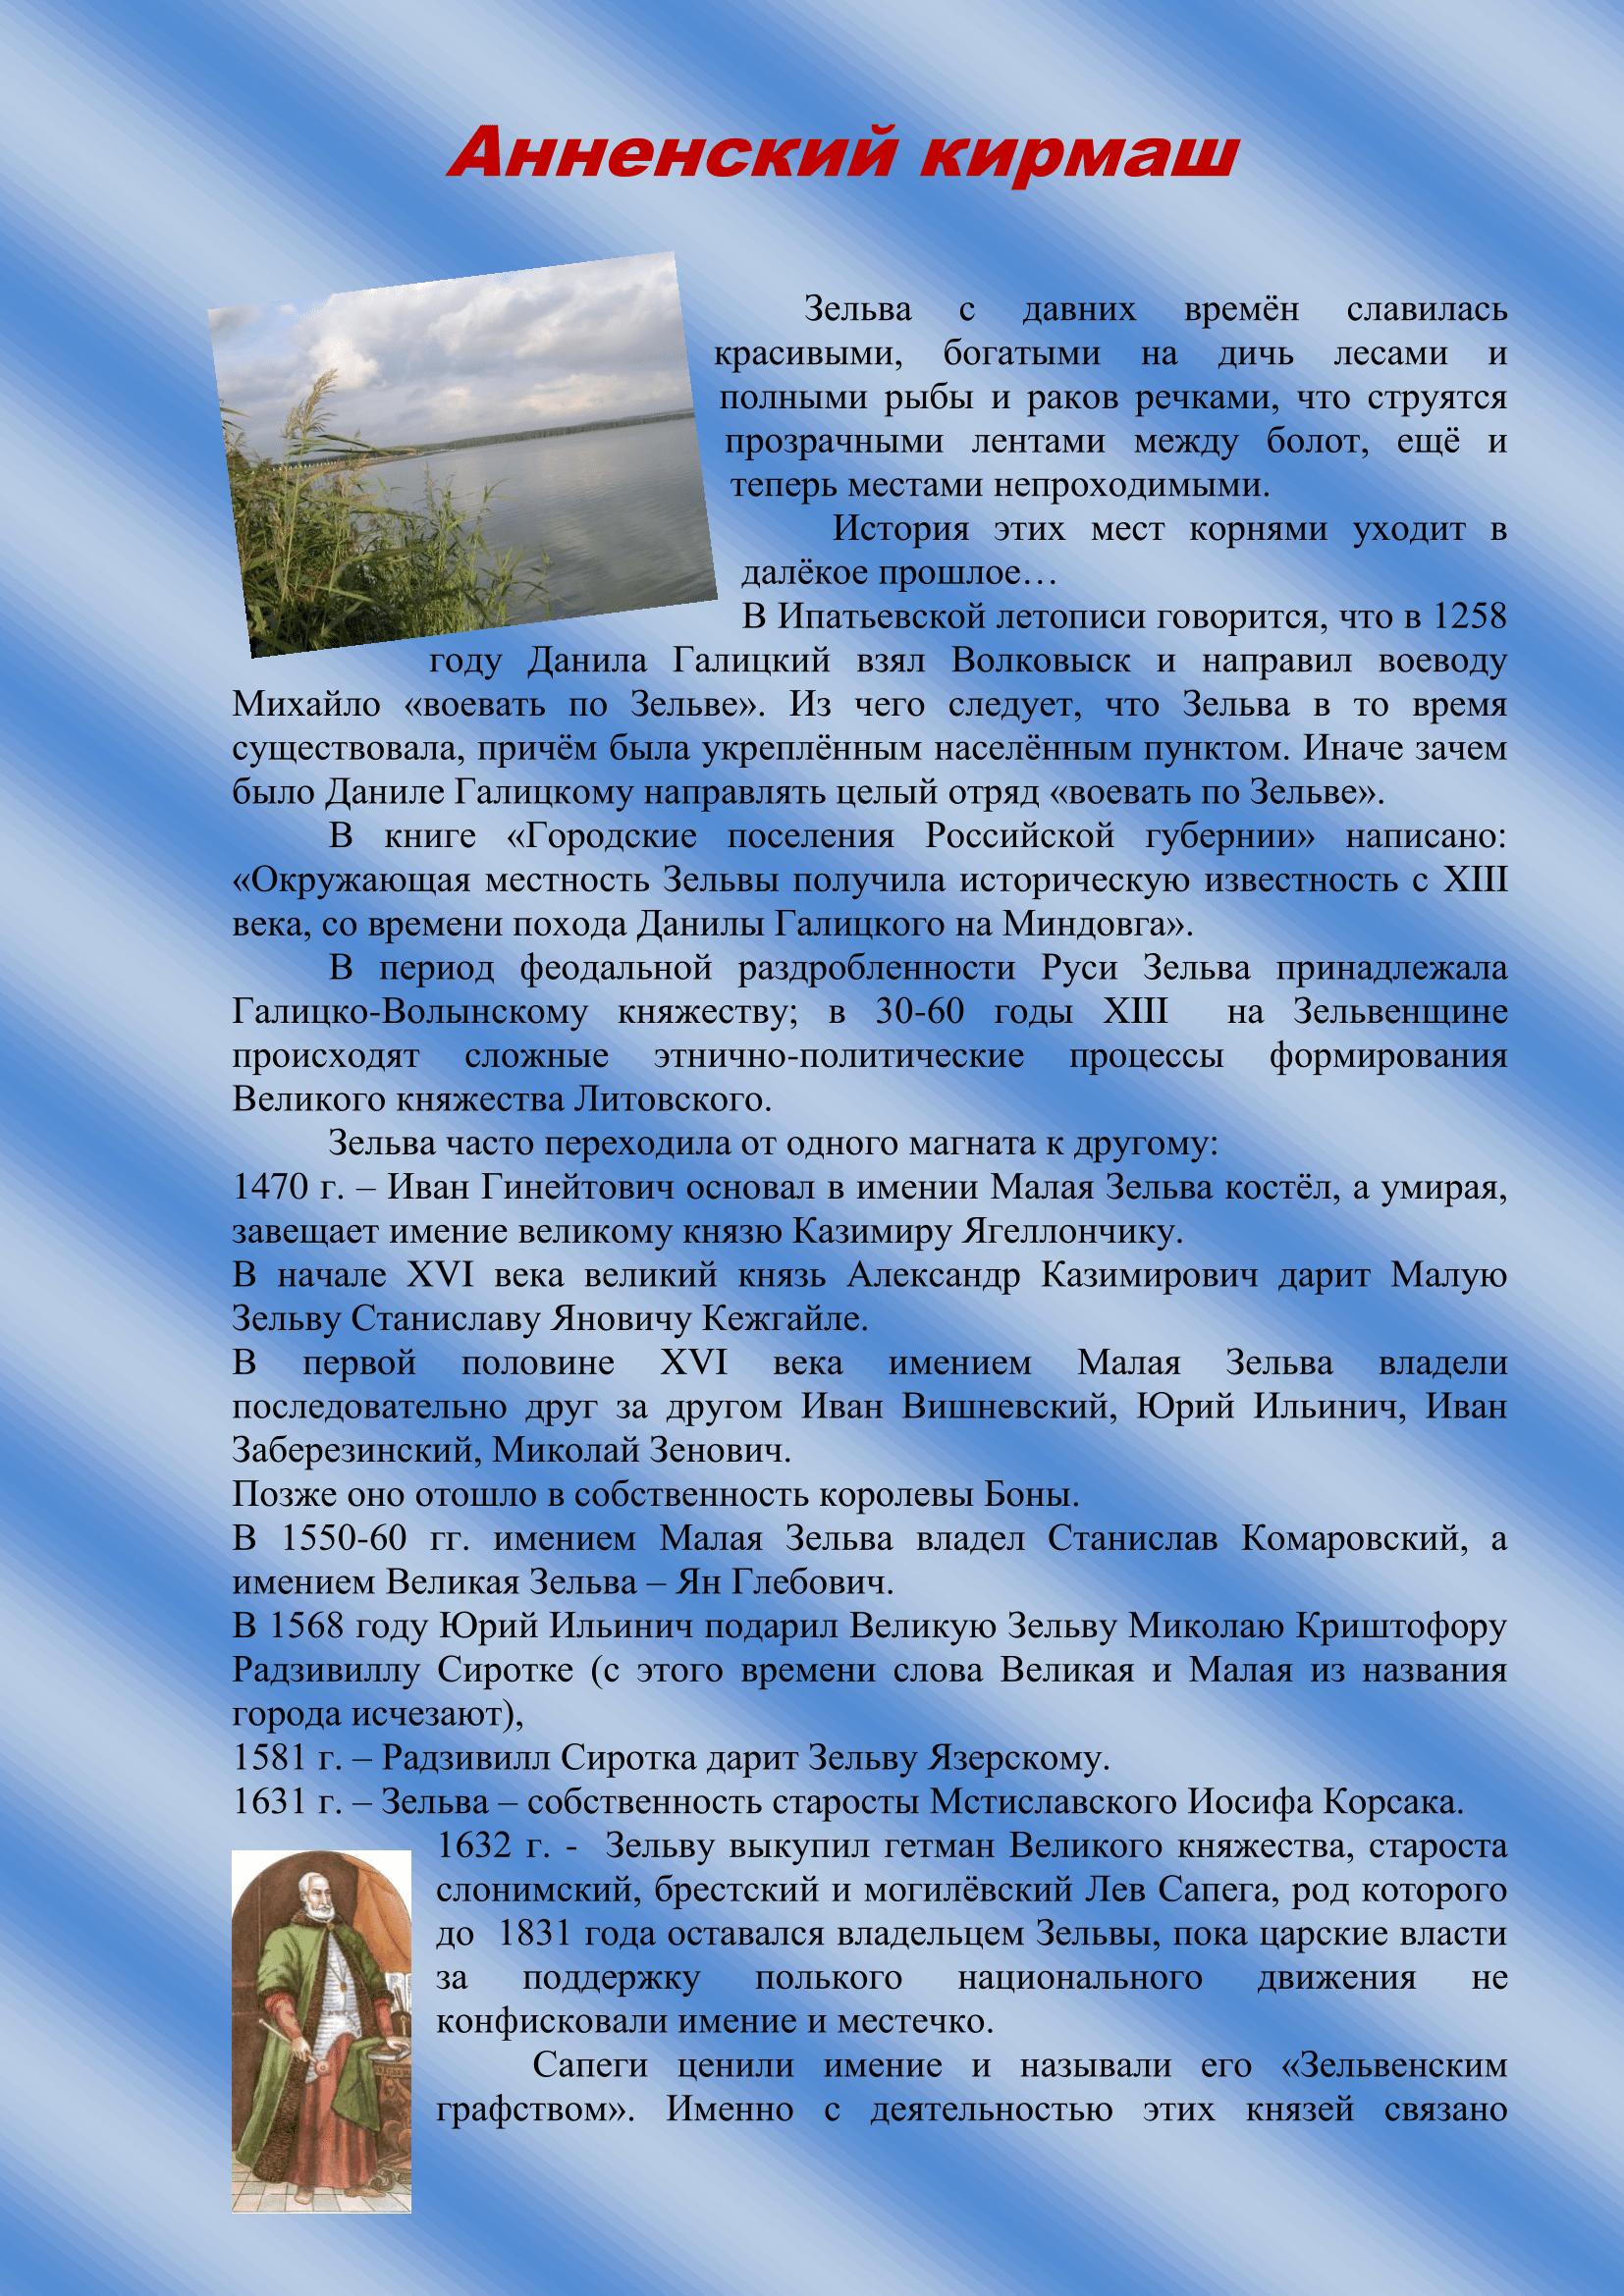 Копия История Анненского кирмаша-1